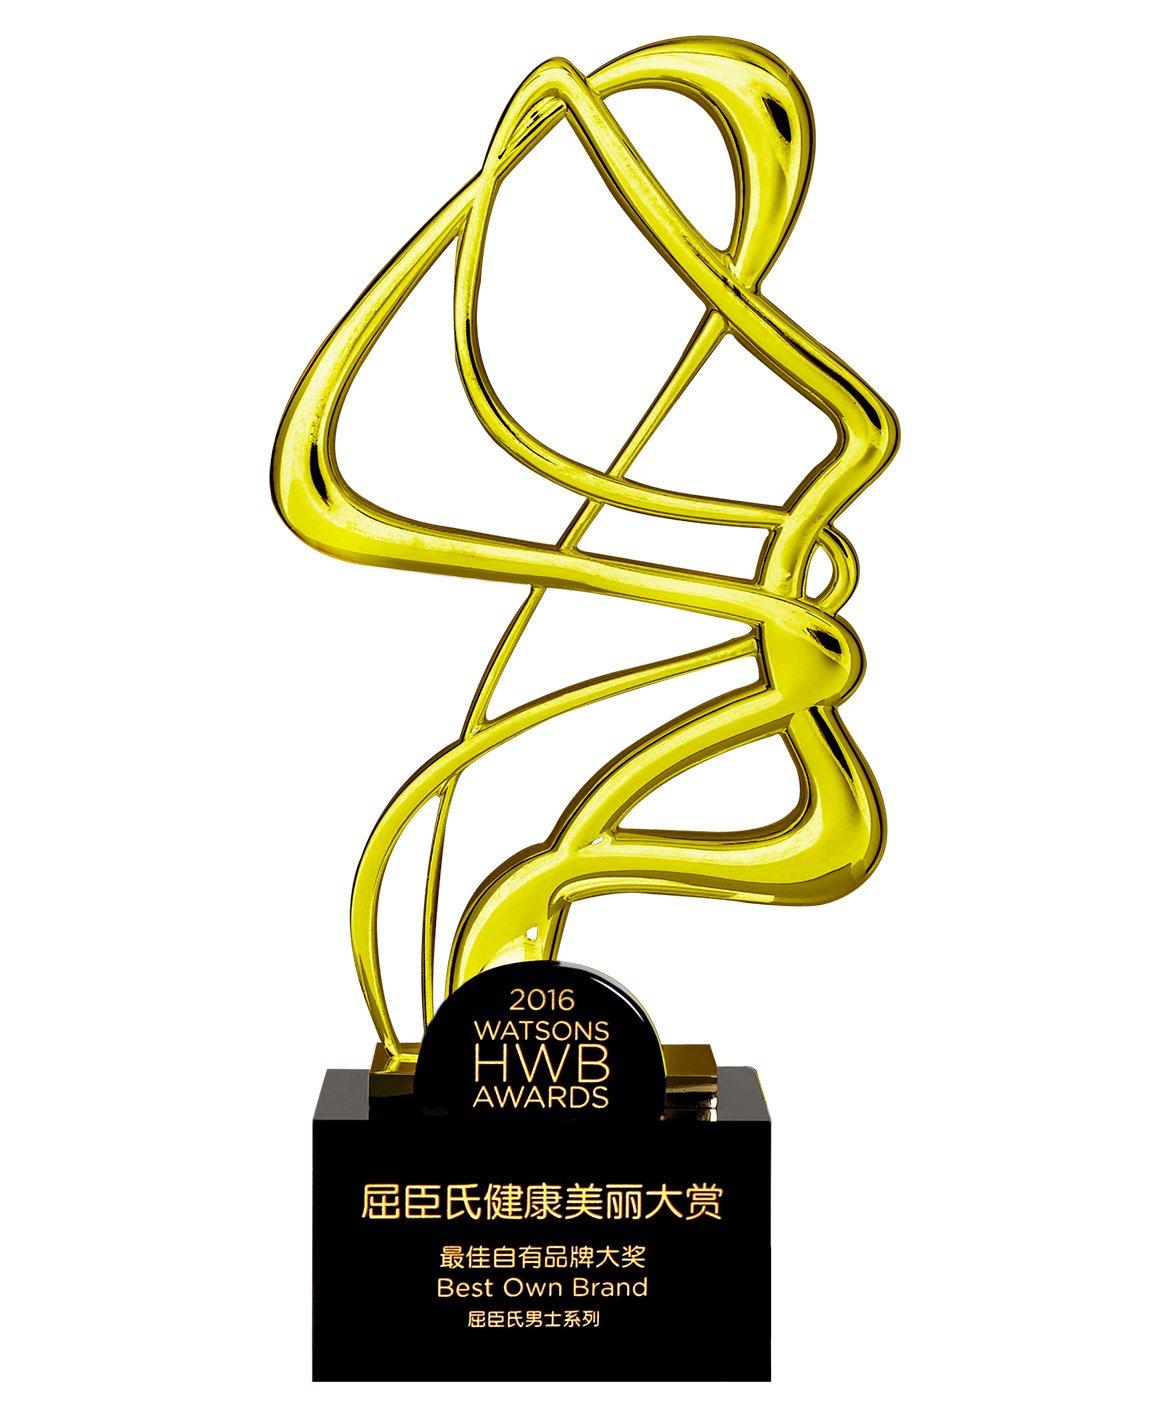 2016屈臣氏健康美丽大赏最佳自有品牌大奖-屈臣氏男士系列(1)